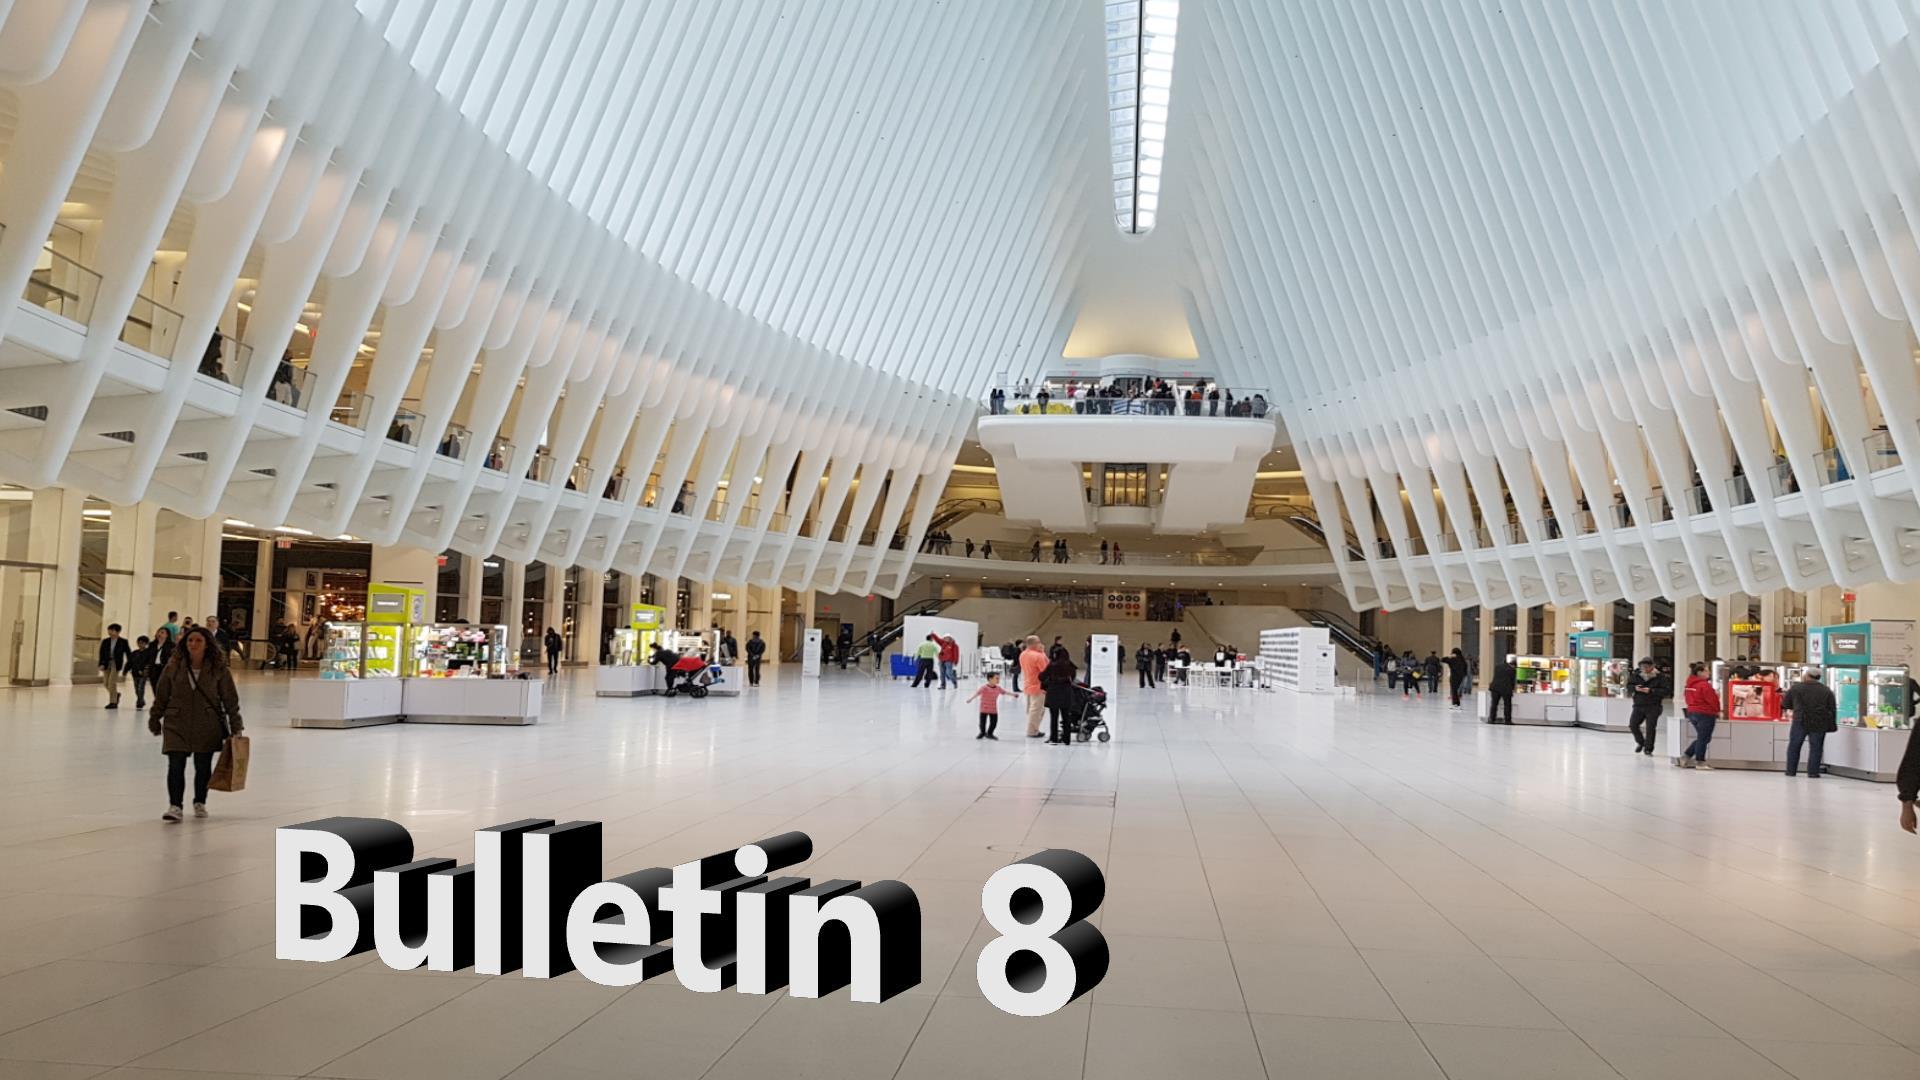 Bulletin 8, May 28